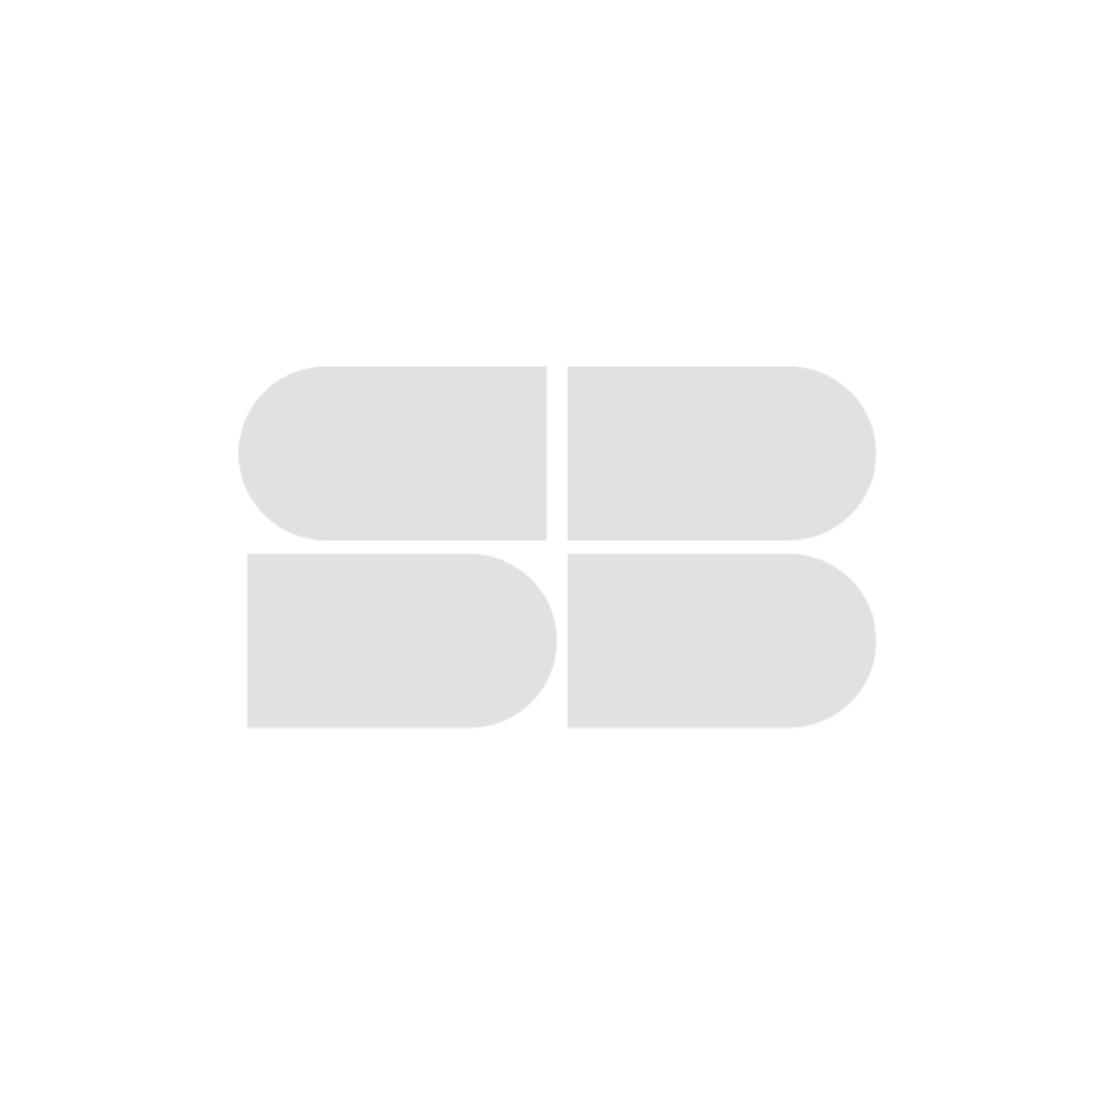 สินค้าเพื่อสุขภาพ เก้าอี้นวดไฟฟ้า สีสีแดง-SB Design Square